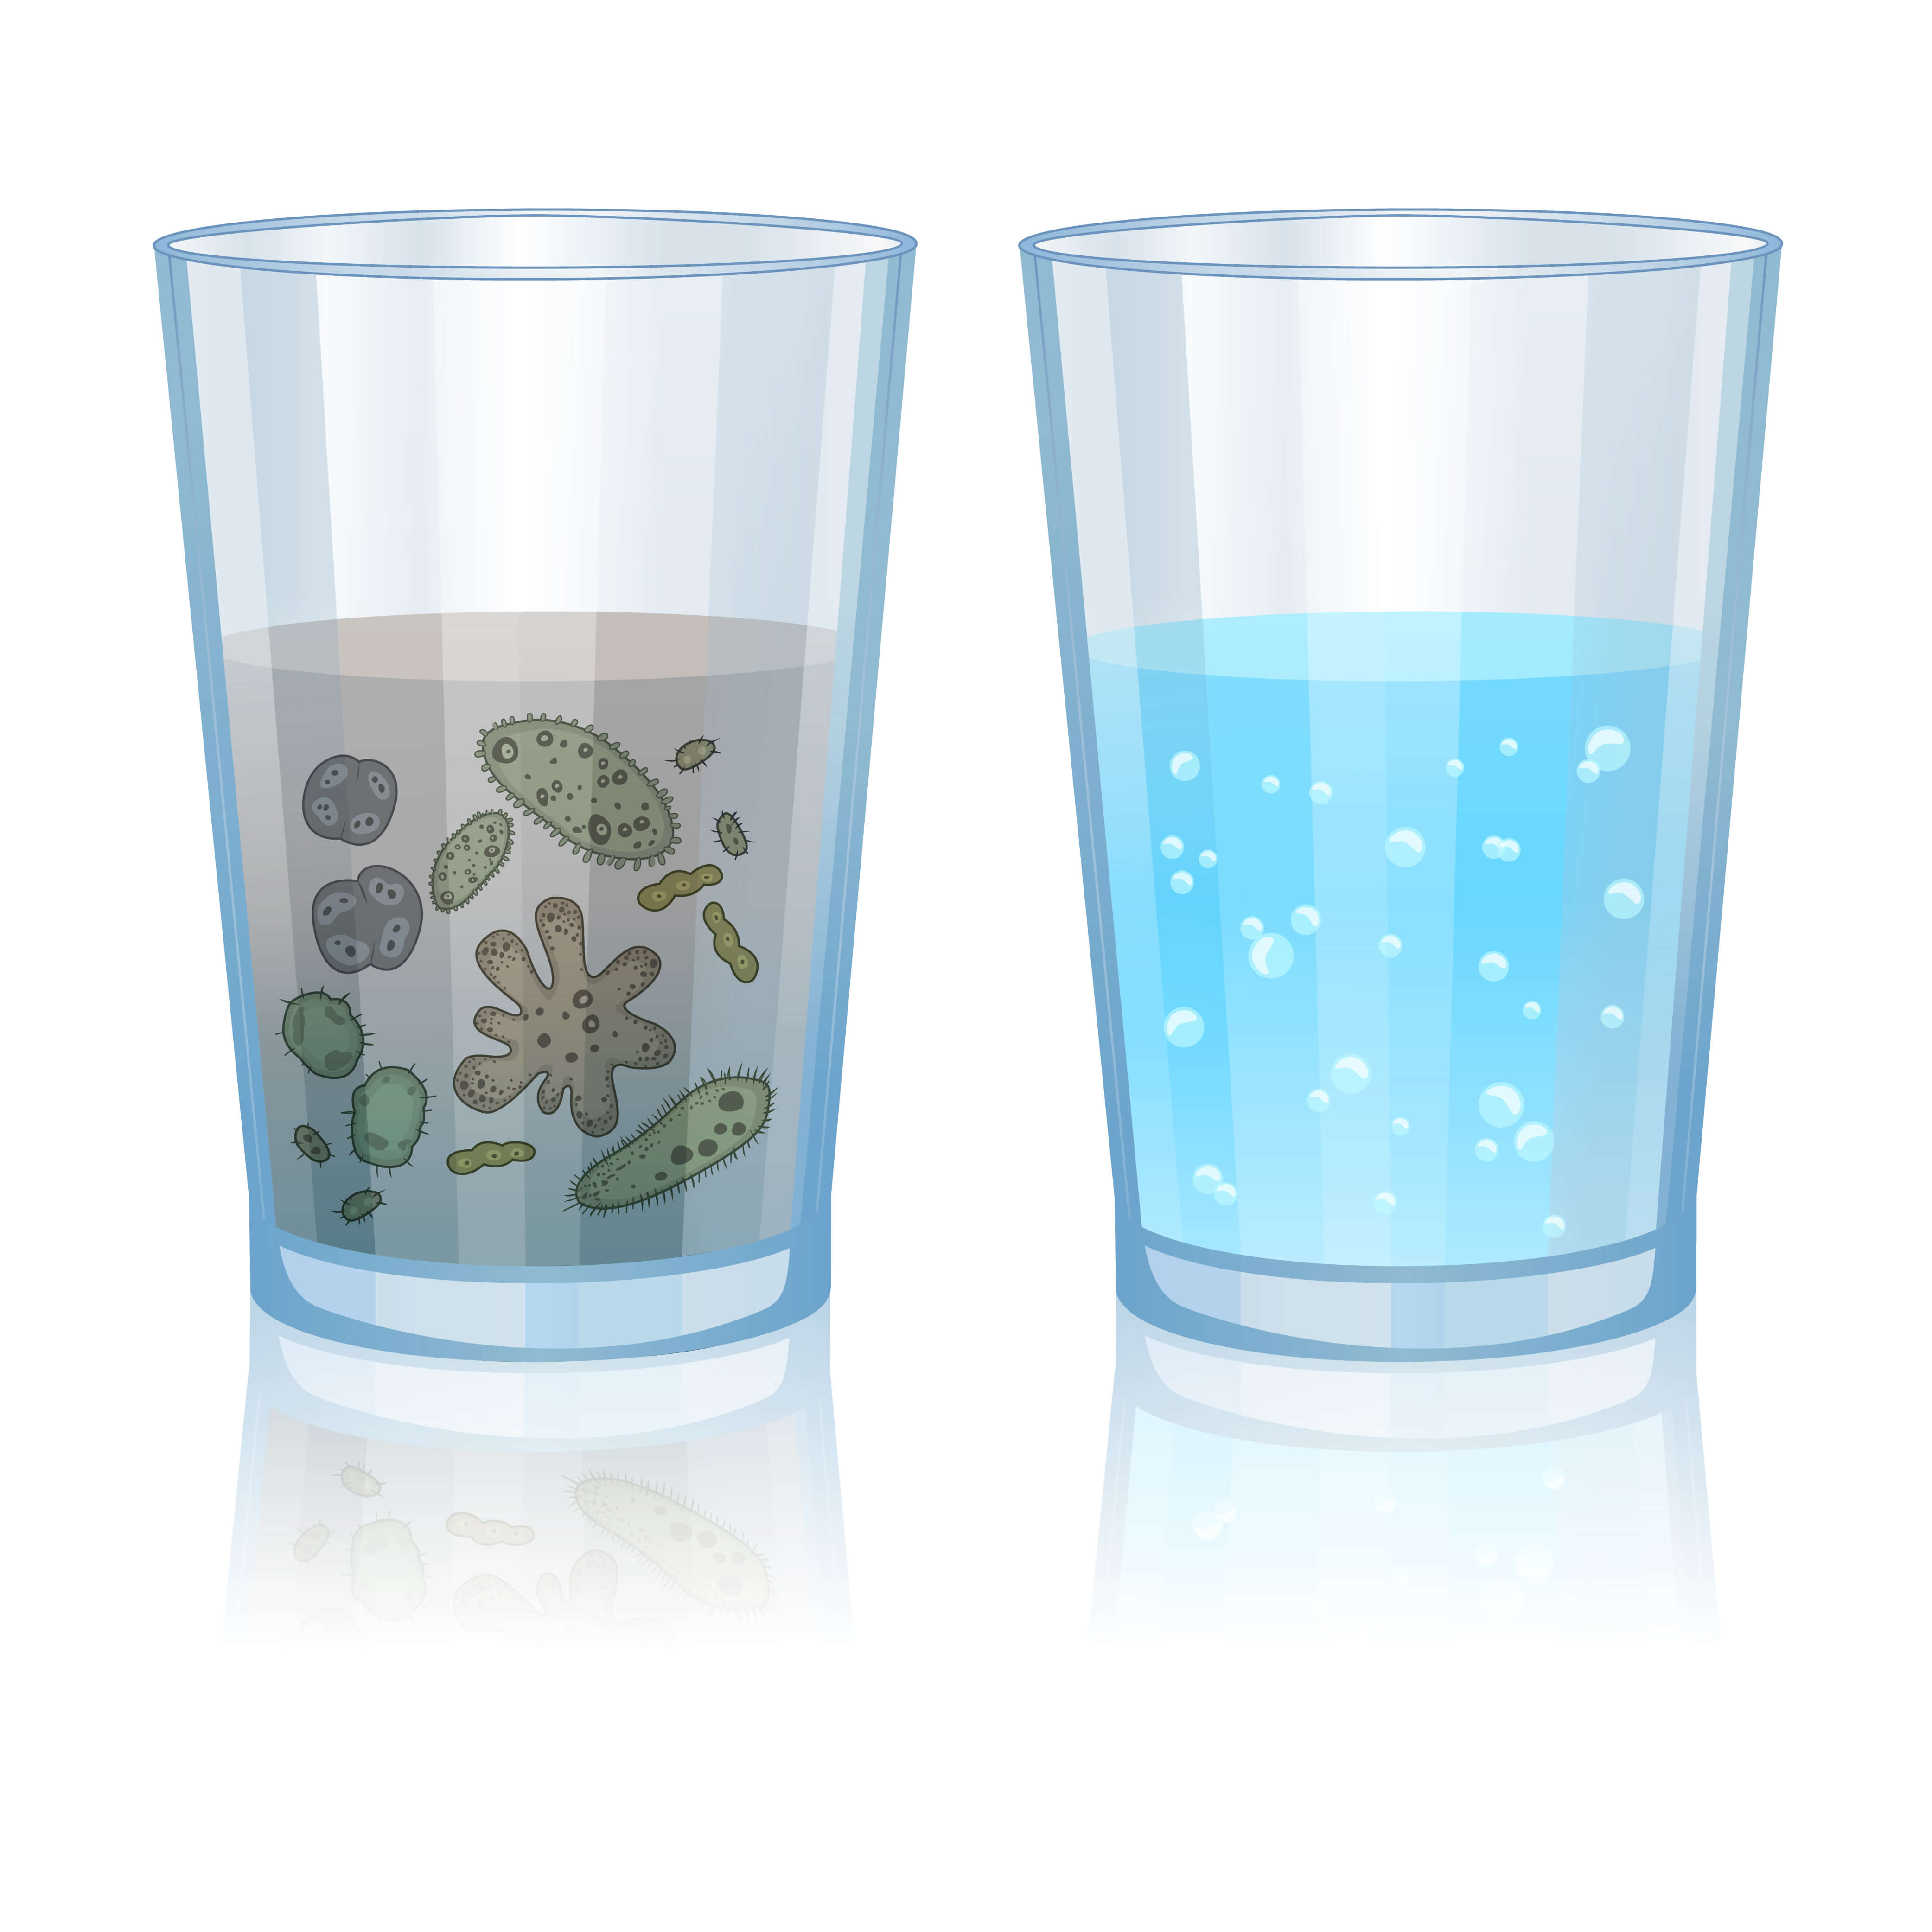 Filtrele-de-apă-cum-poți-avea-apă-pură-și-potabilă-la-tine-acasă